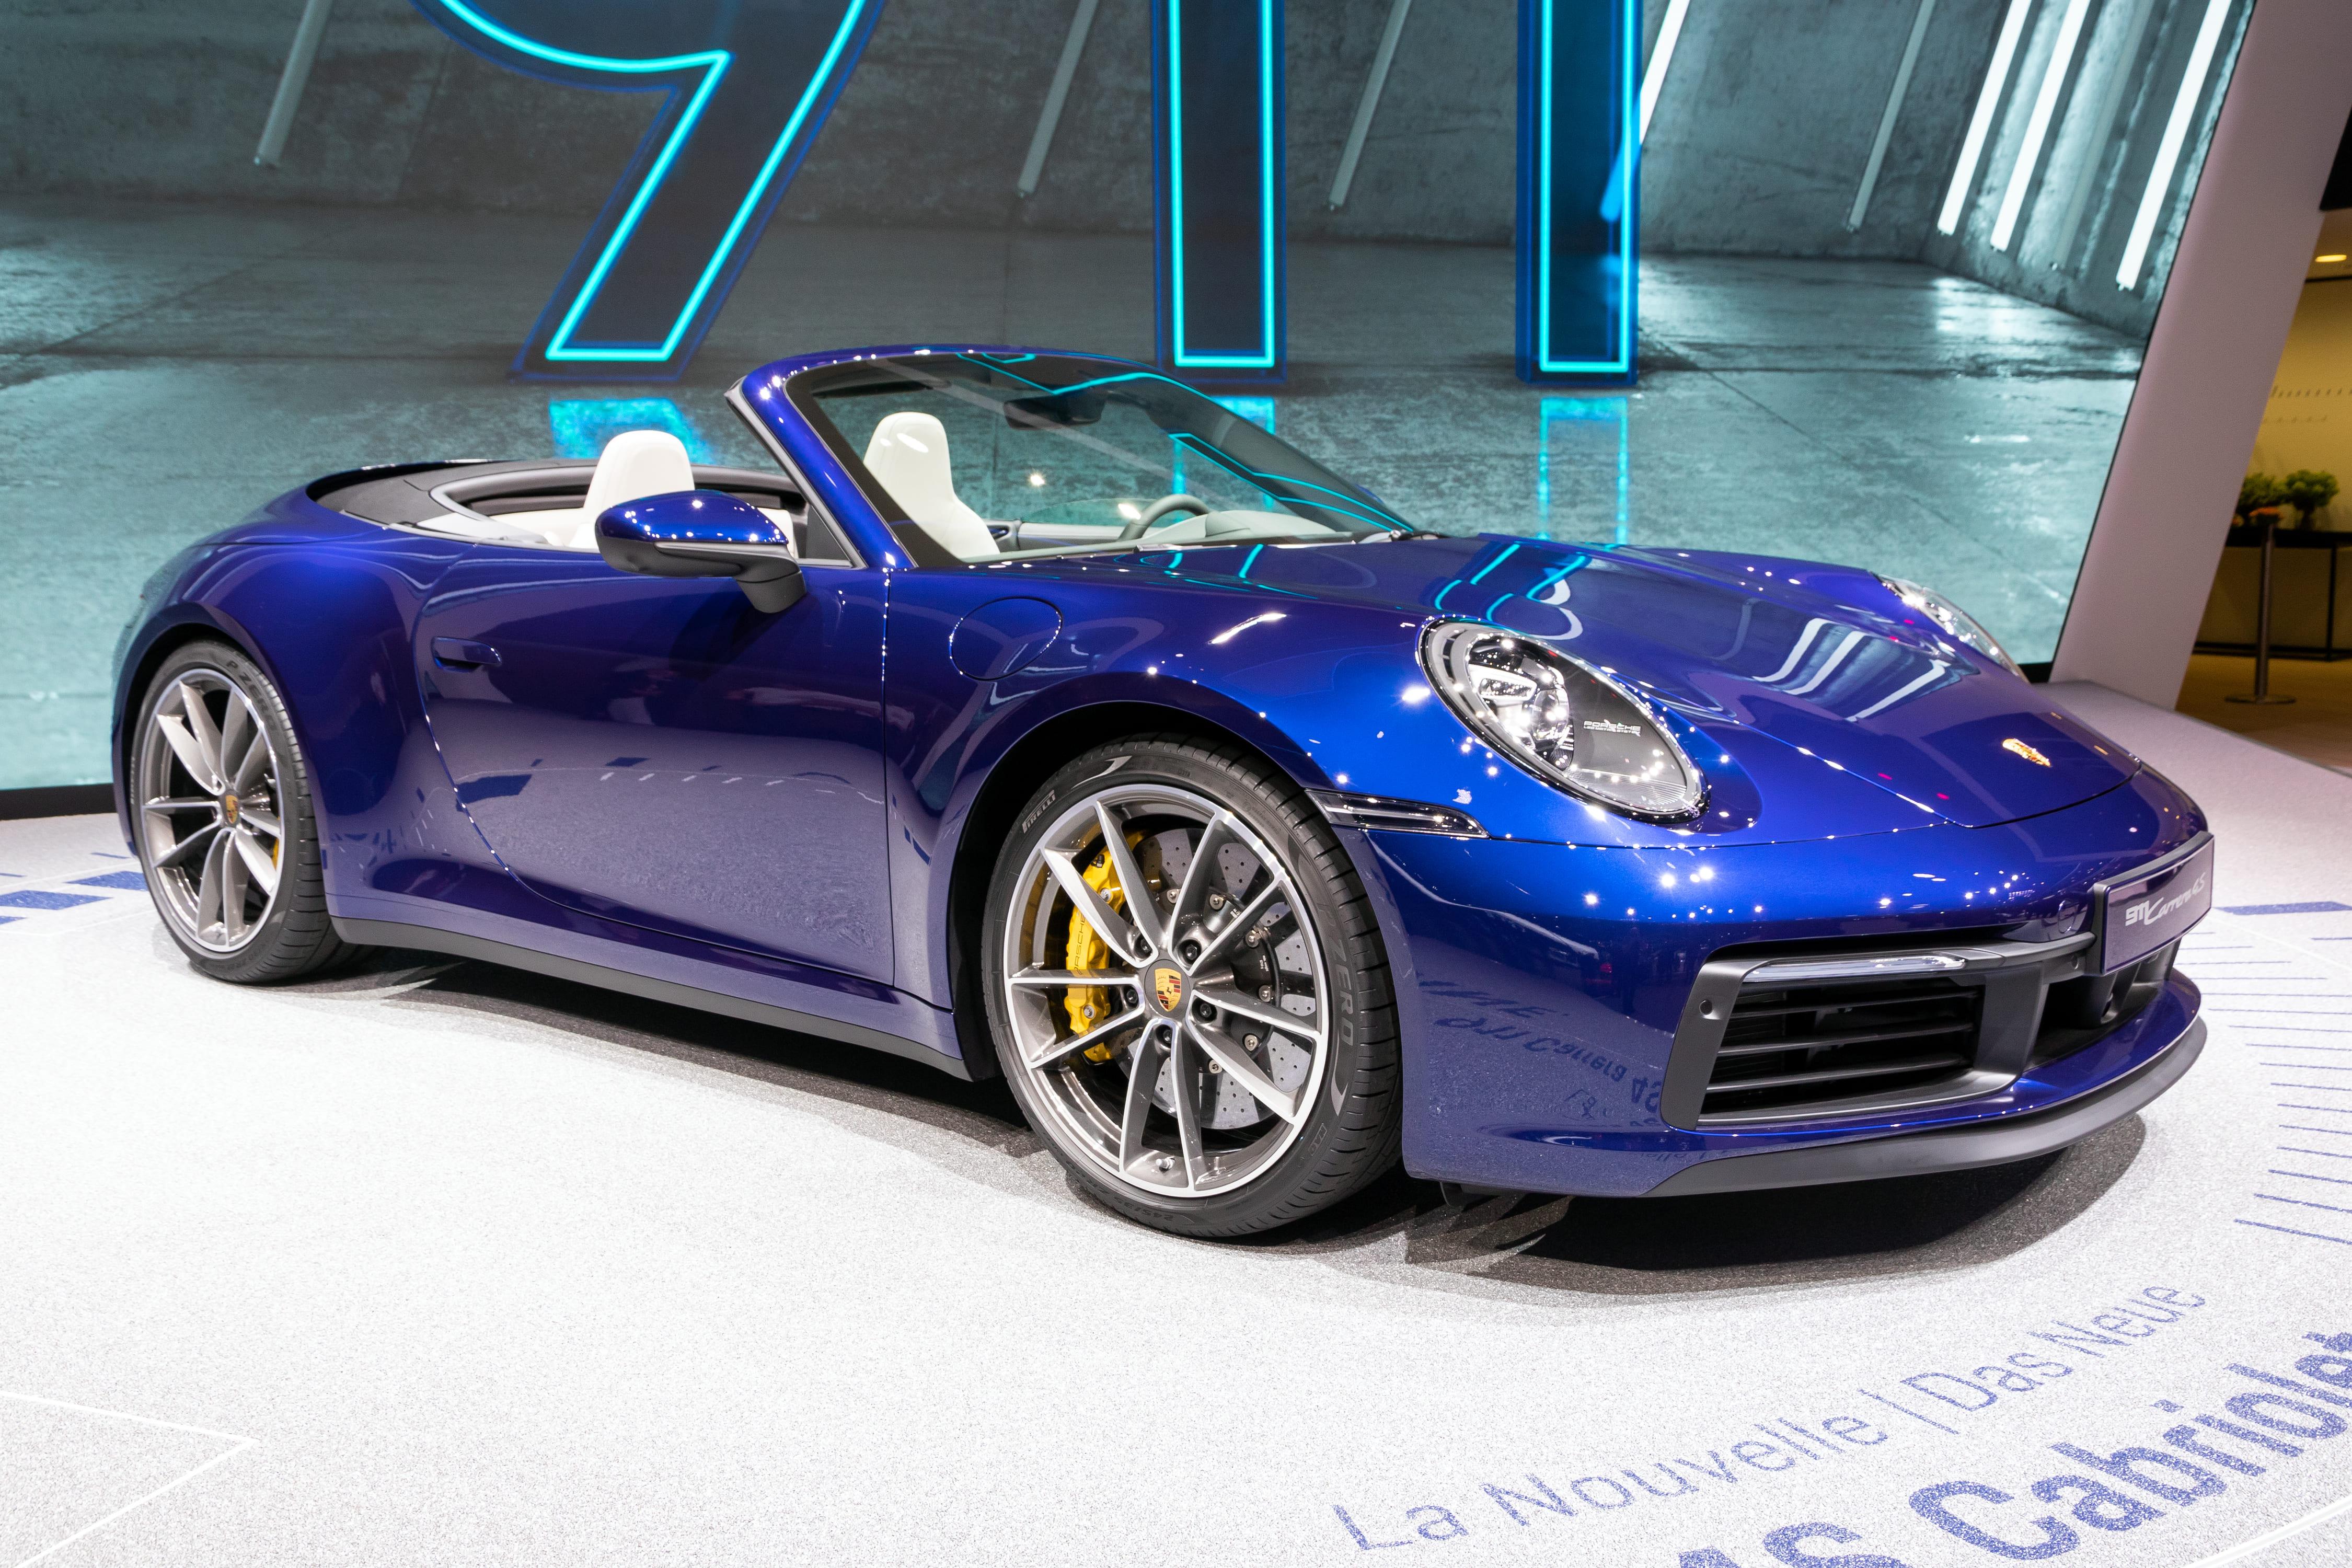 新型ポルシェ 911の本命はカブリオレか?欧米で人気のオープンカーの魅力とは? サムネイル画像`